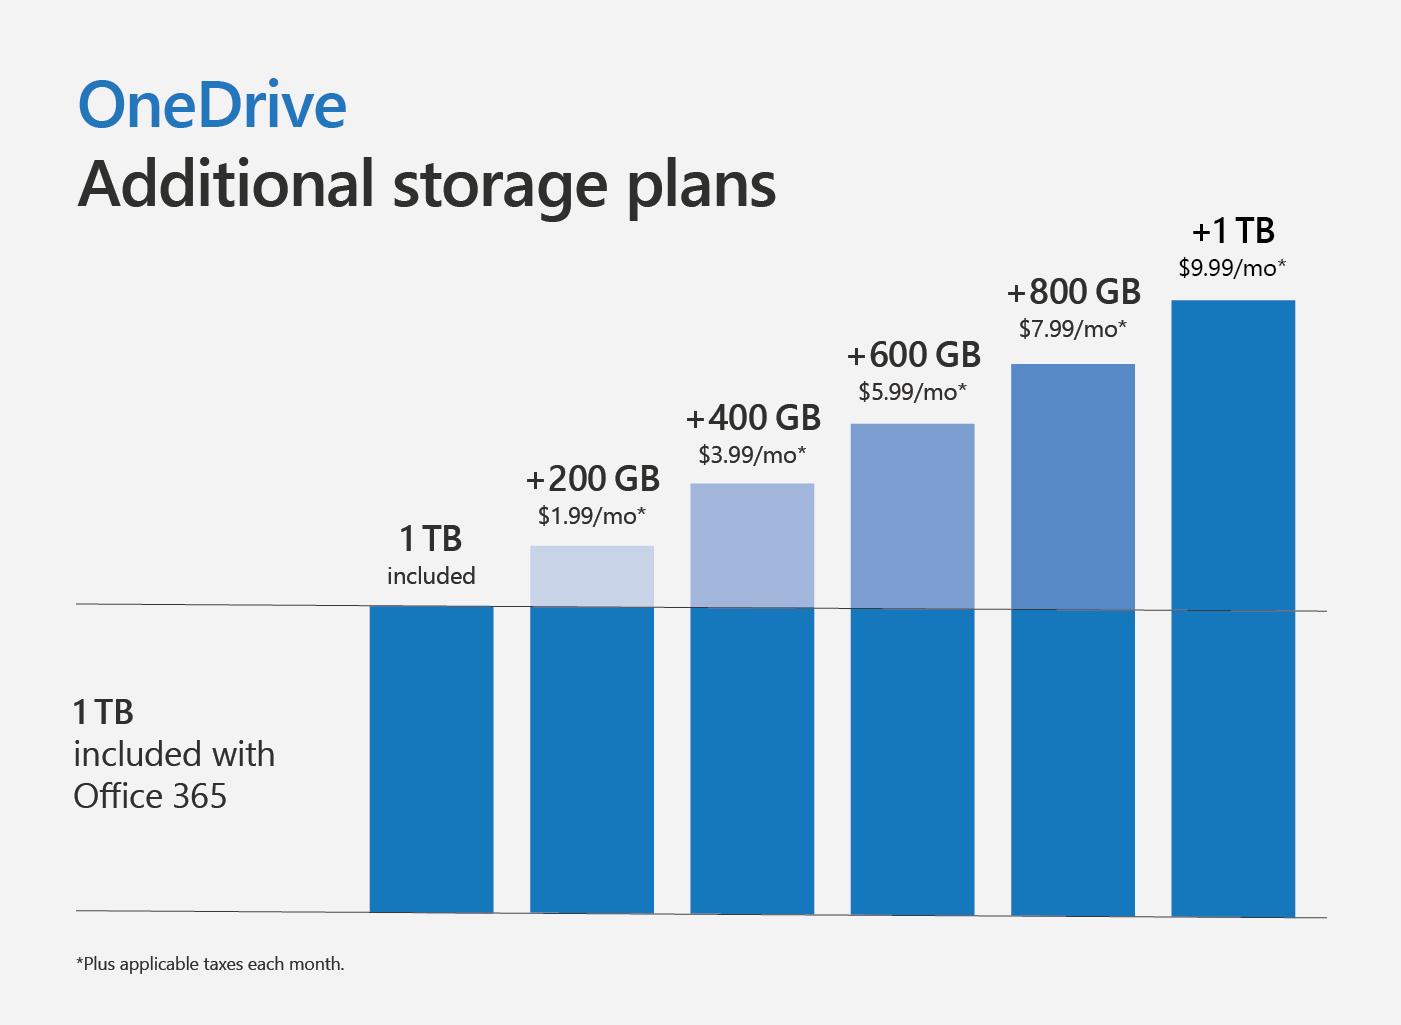 Graf znázorňující další plány úložiště pro OneDrive